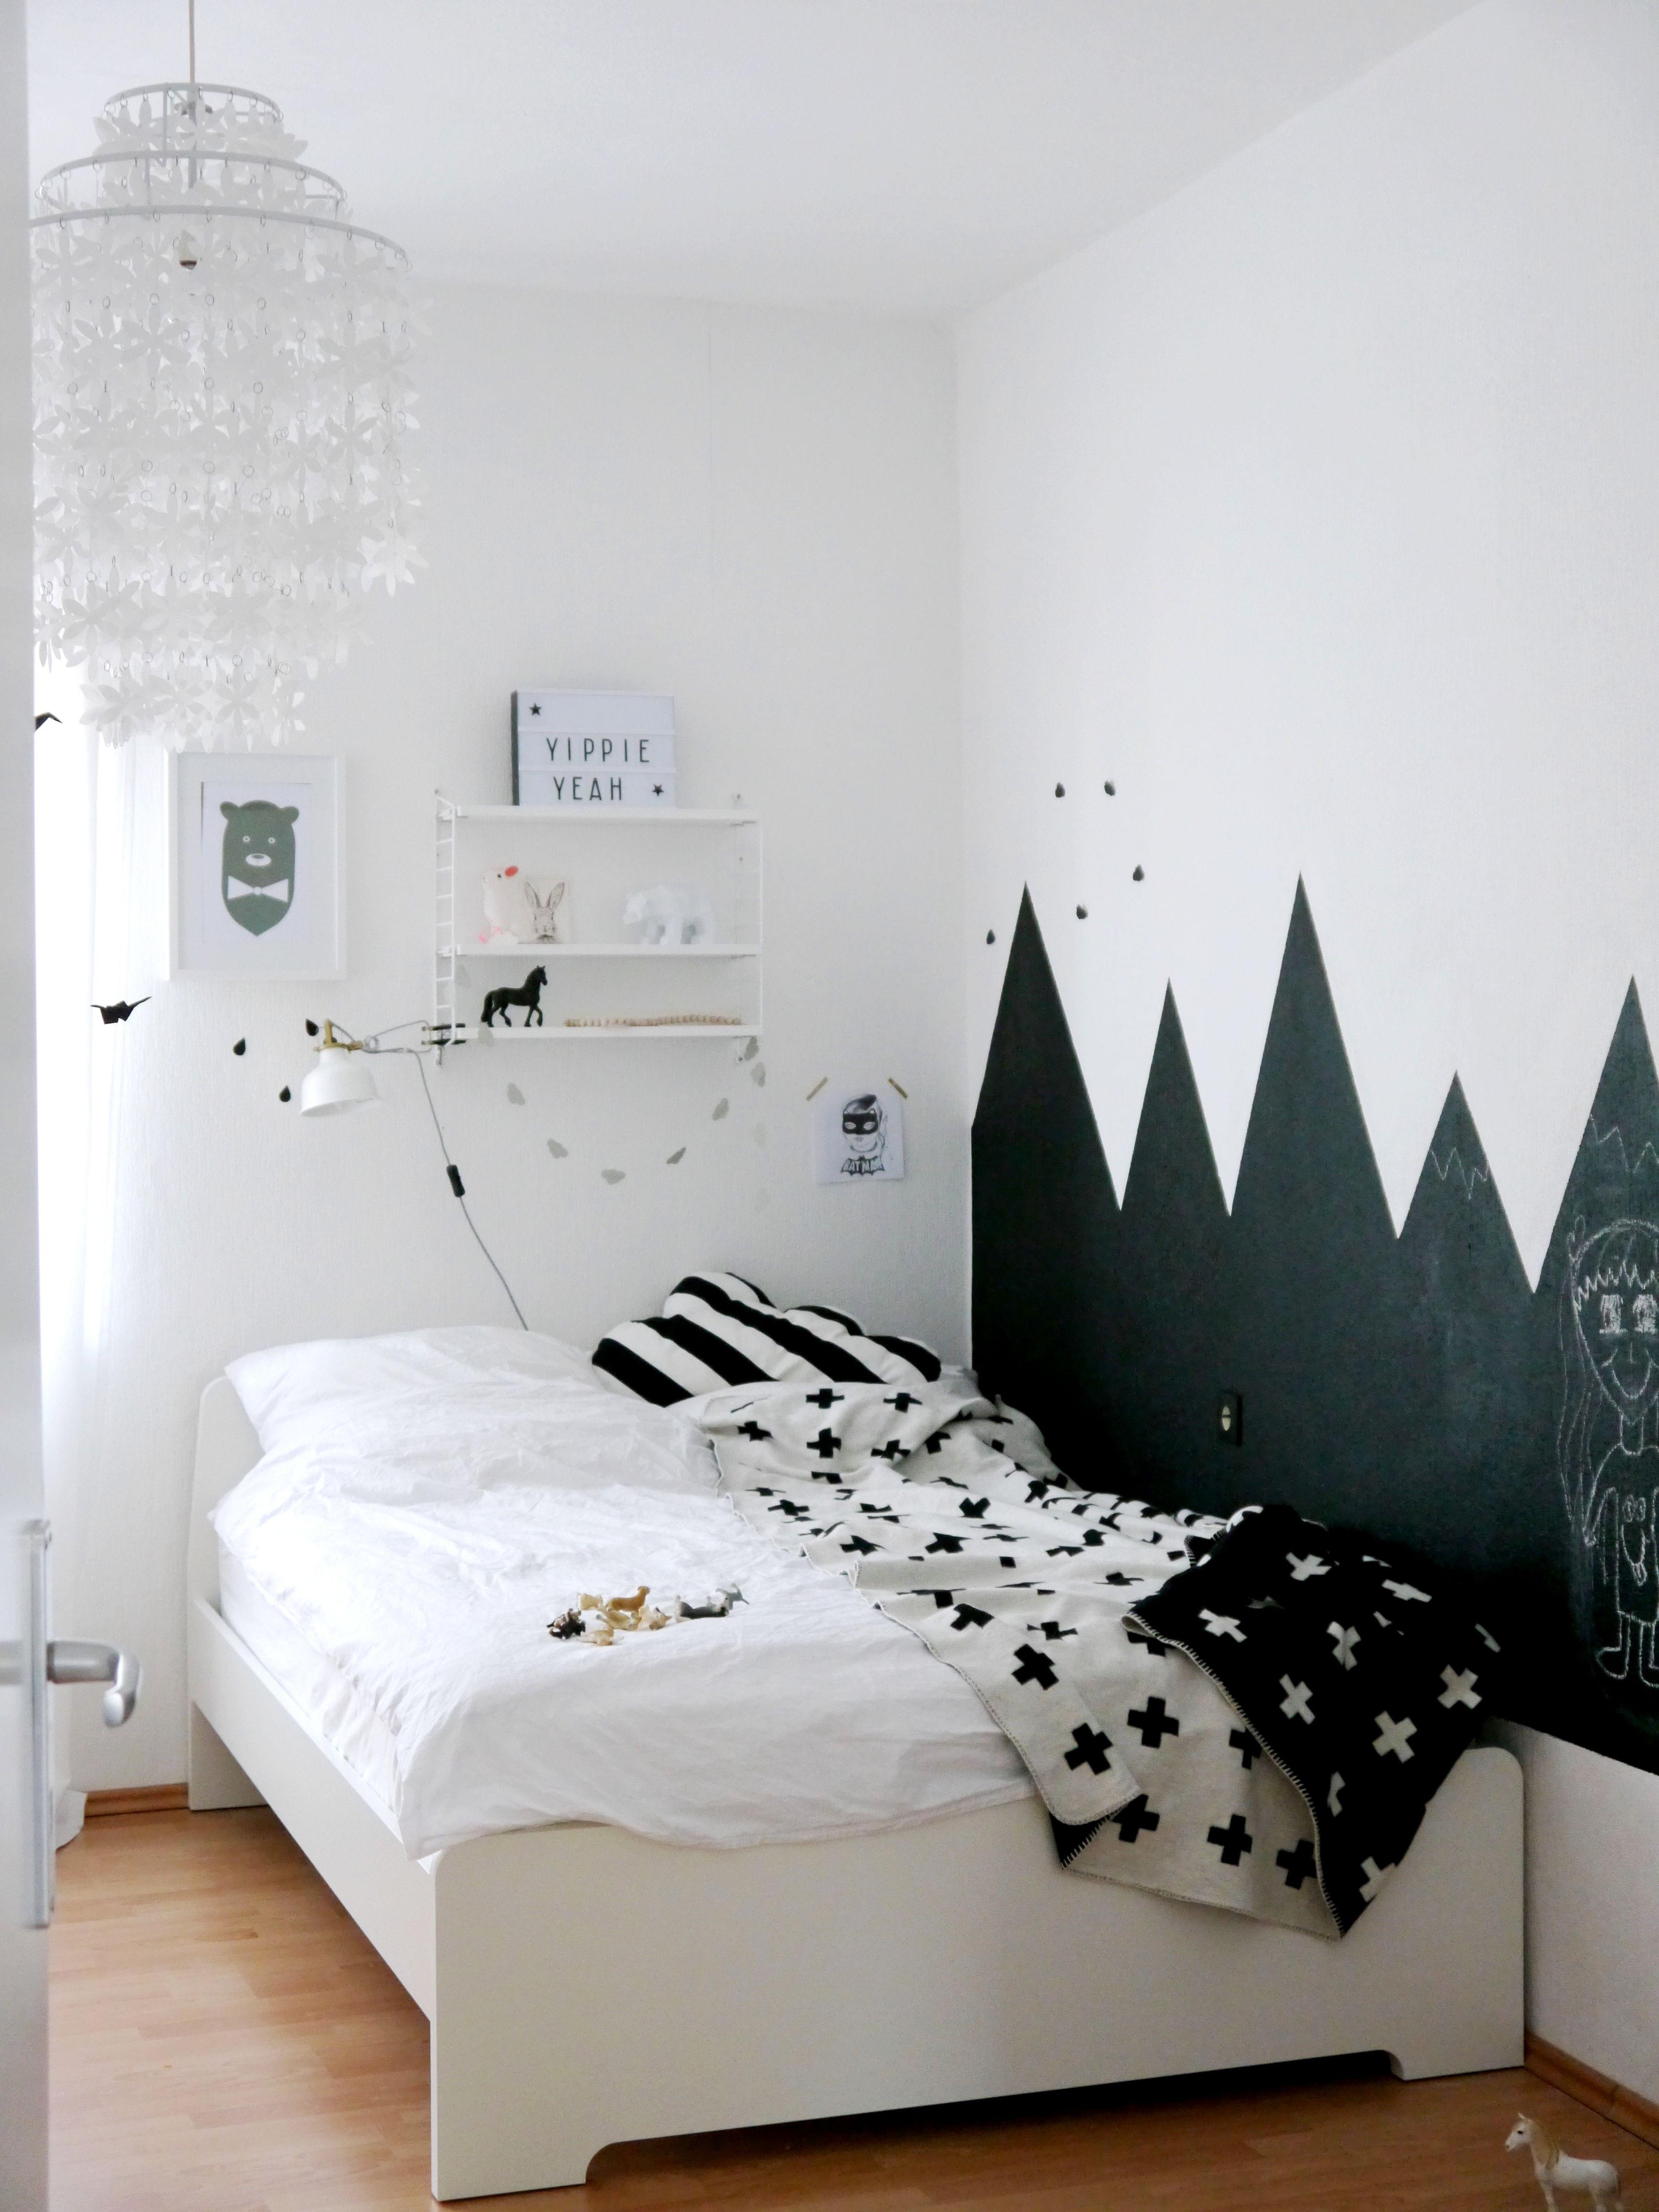 kinderzimmer schwarz weiß tafellack | jungenzimmer schwarz weiß ... - Wohnungseinrichtung Schwarz Wei